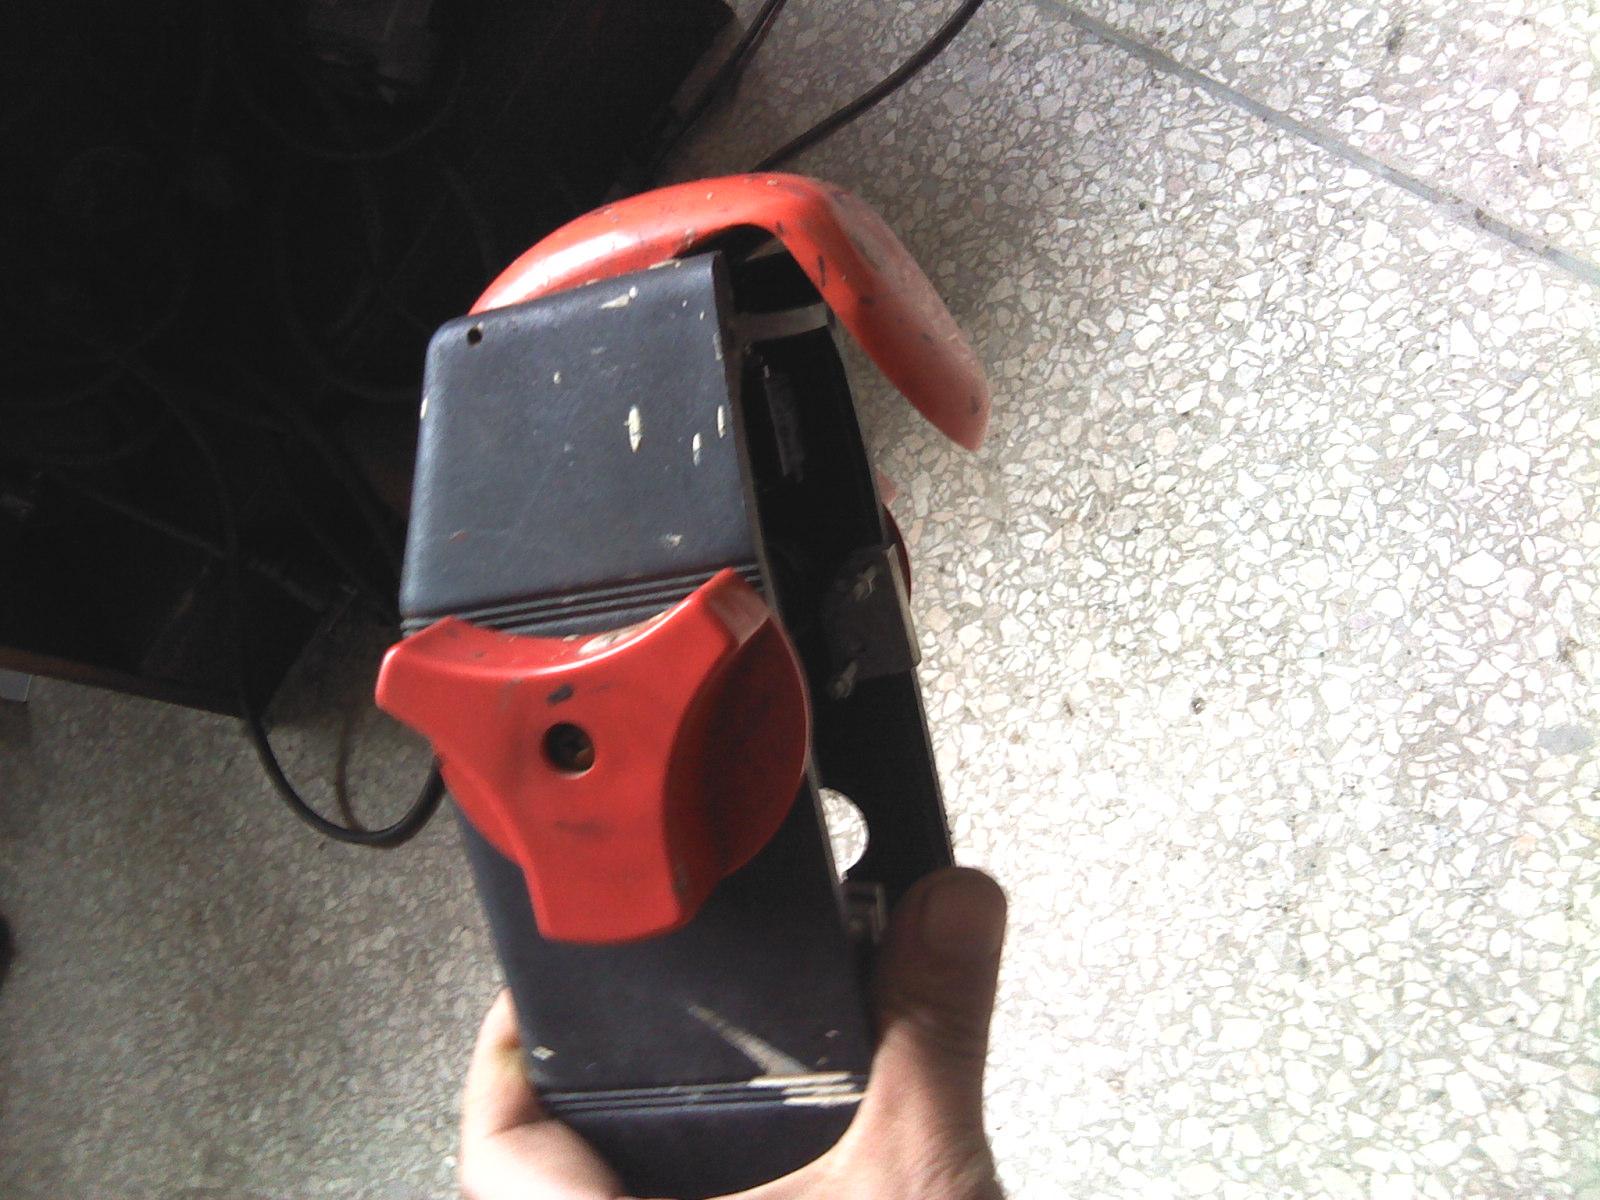 那位能给我一份自行走人工牵引剪式电瓶液压升降机的电路图,谢谢.图片